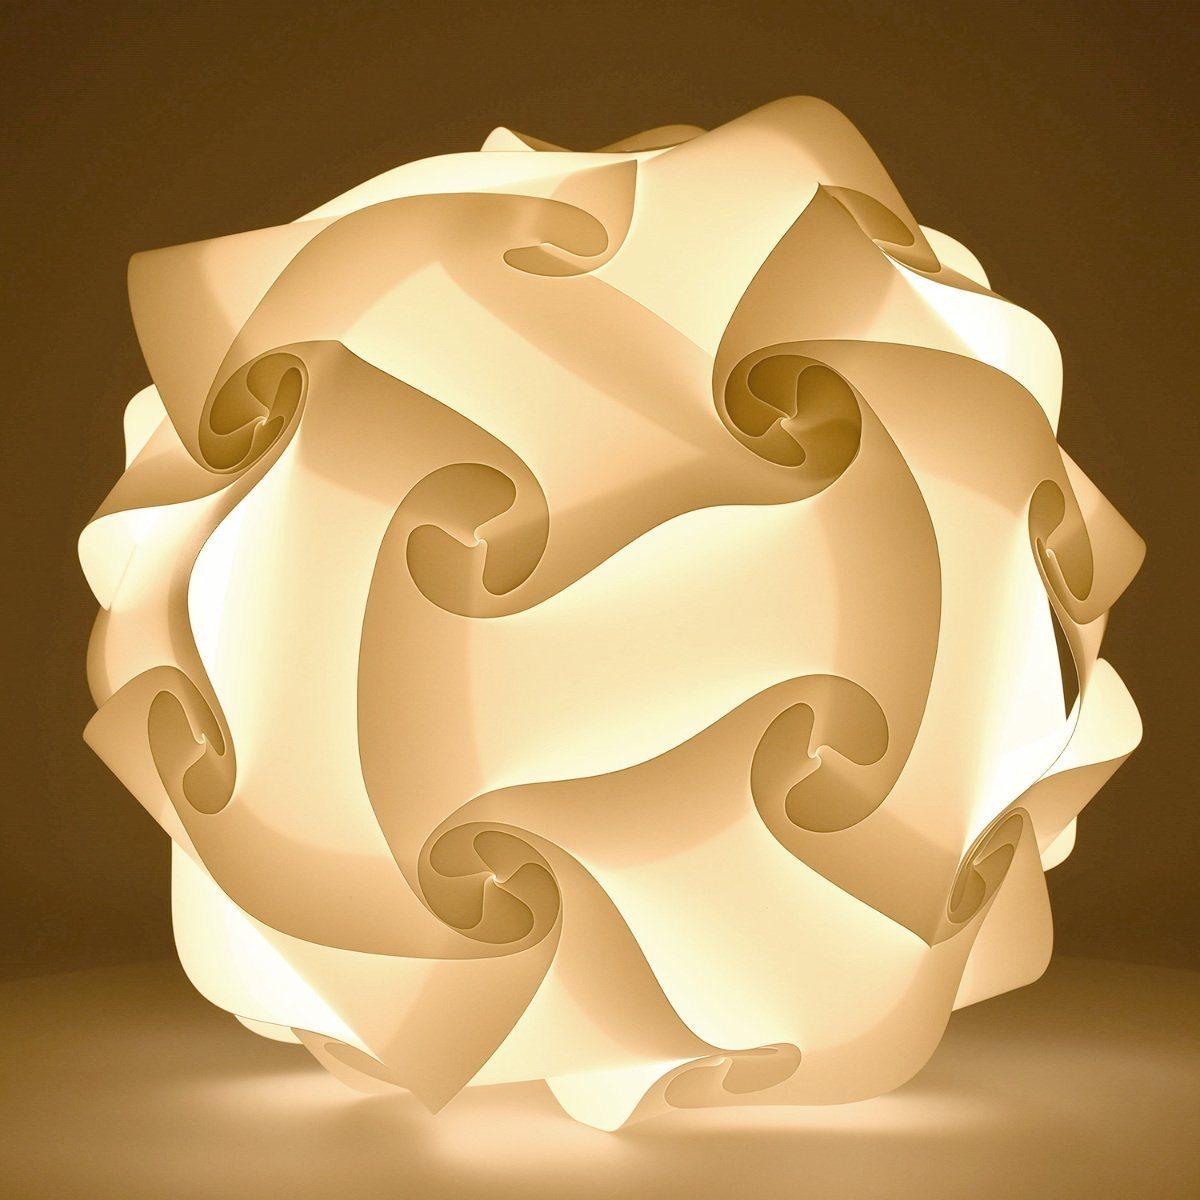 Stehlampe Test - Lampenschirm als nützliches Zubehör für eine Stehlampe